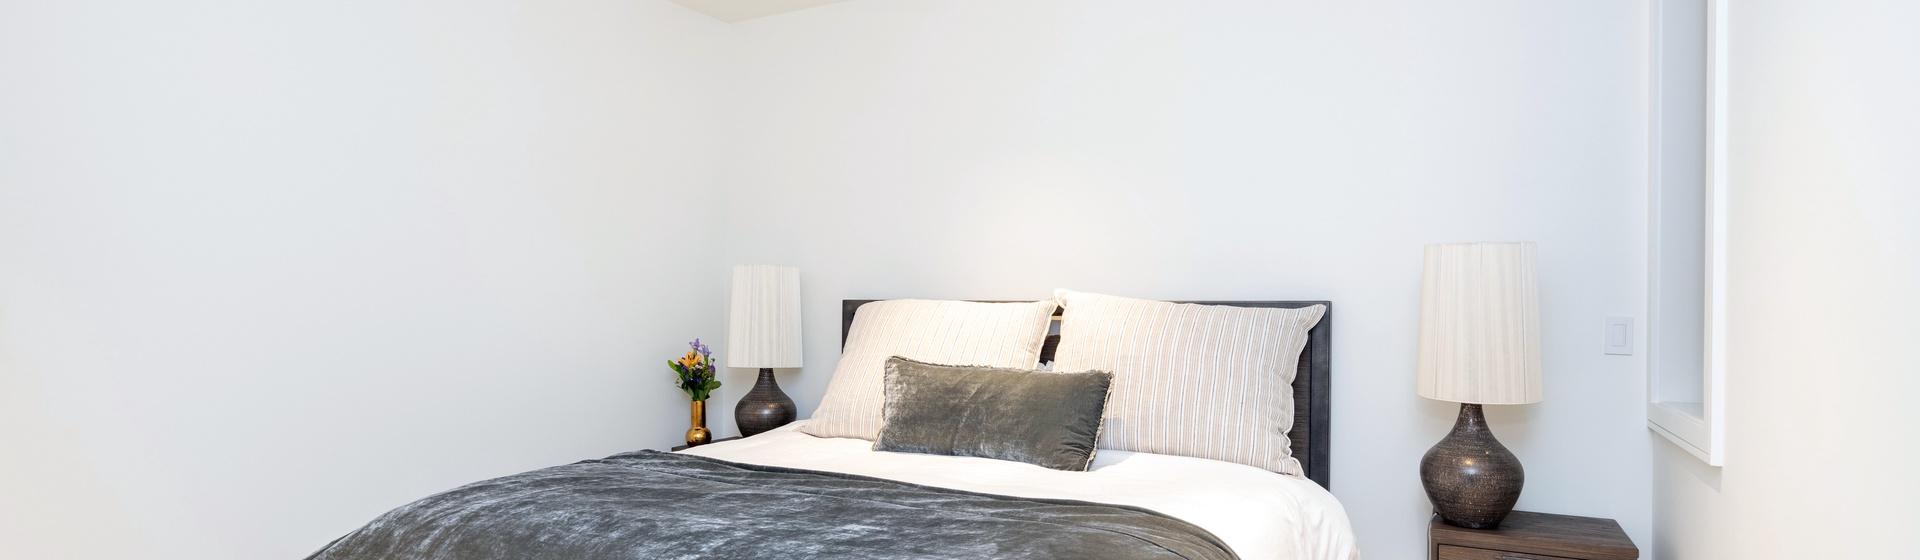 26-Telluride-Vacation-Rental-Cloud-Nine-Guest-Bedroom-2